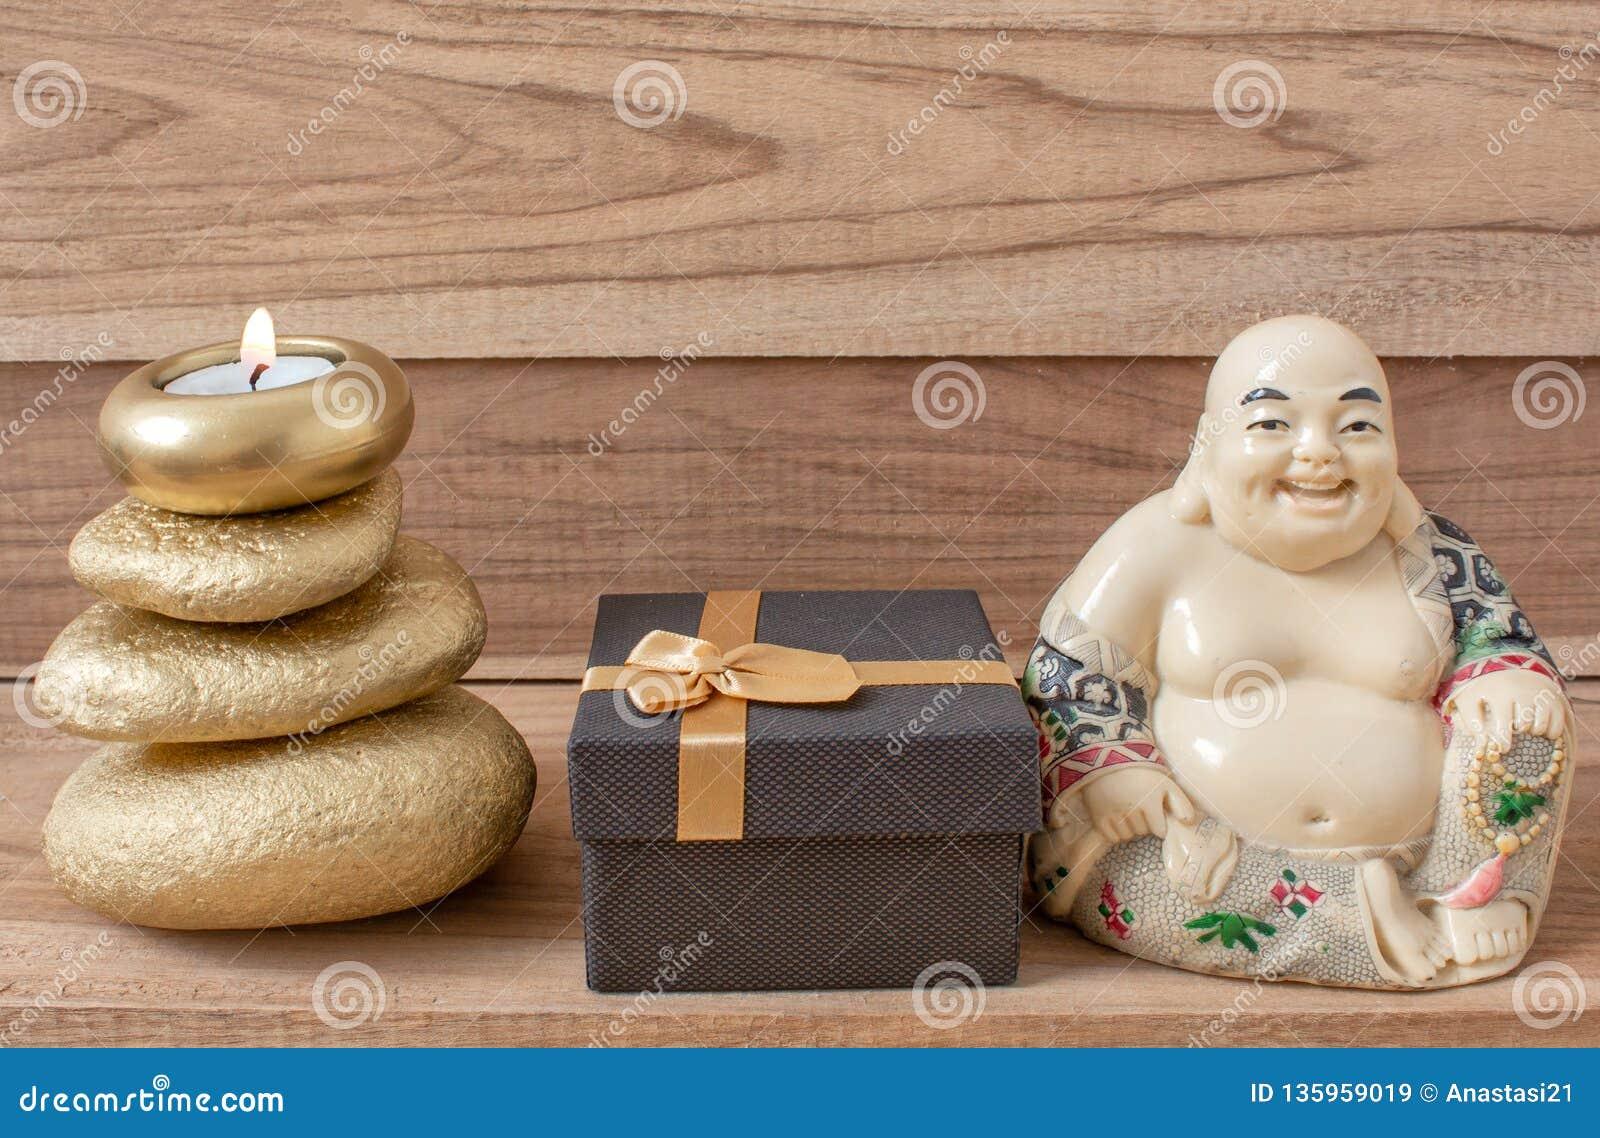 Estatueta de uma Buda de riso com pedras e uma vela, e uma caixa de presente, em um fundo de madeira, shui do feng